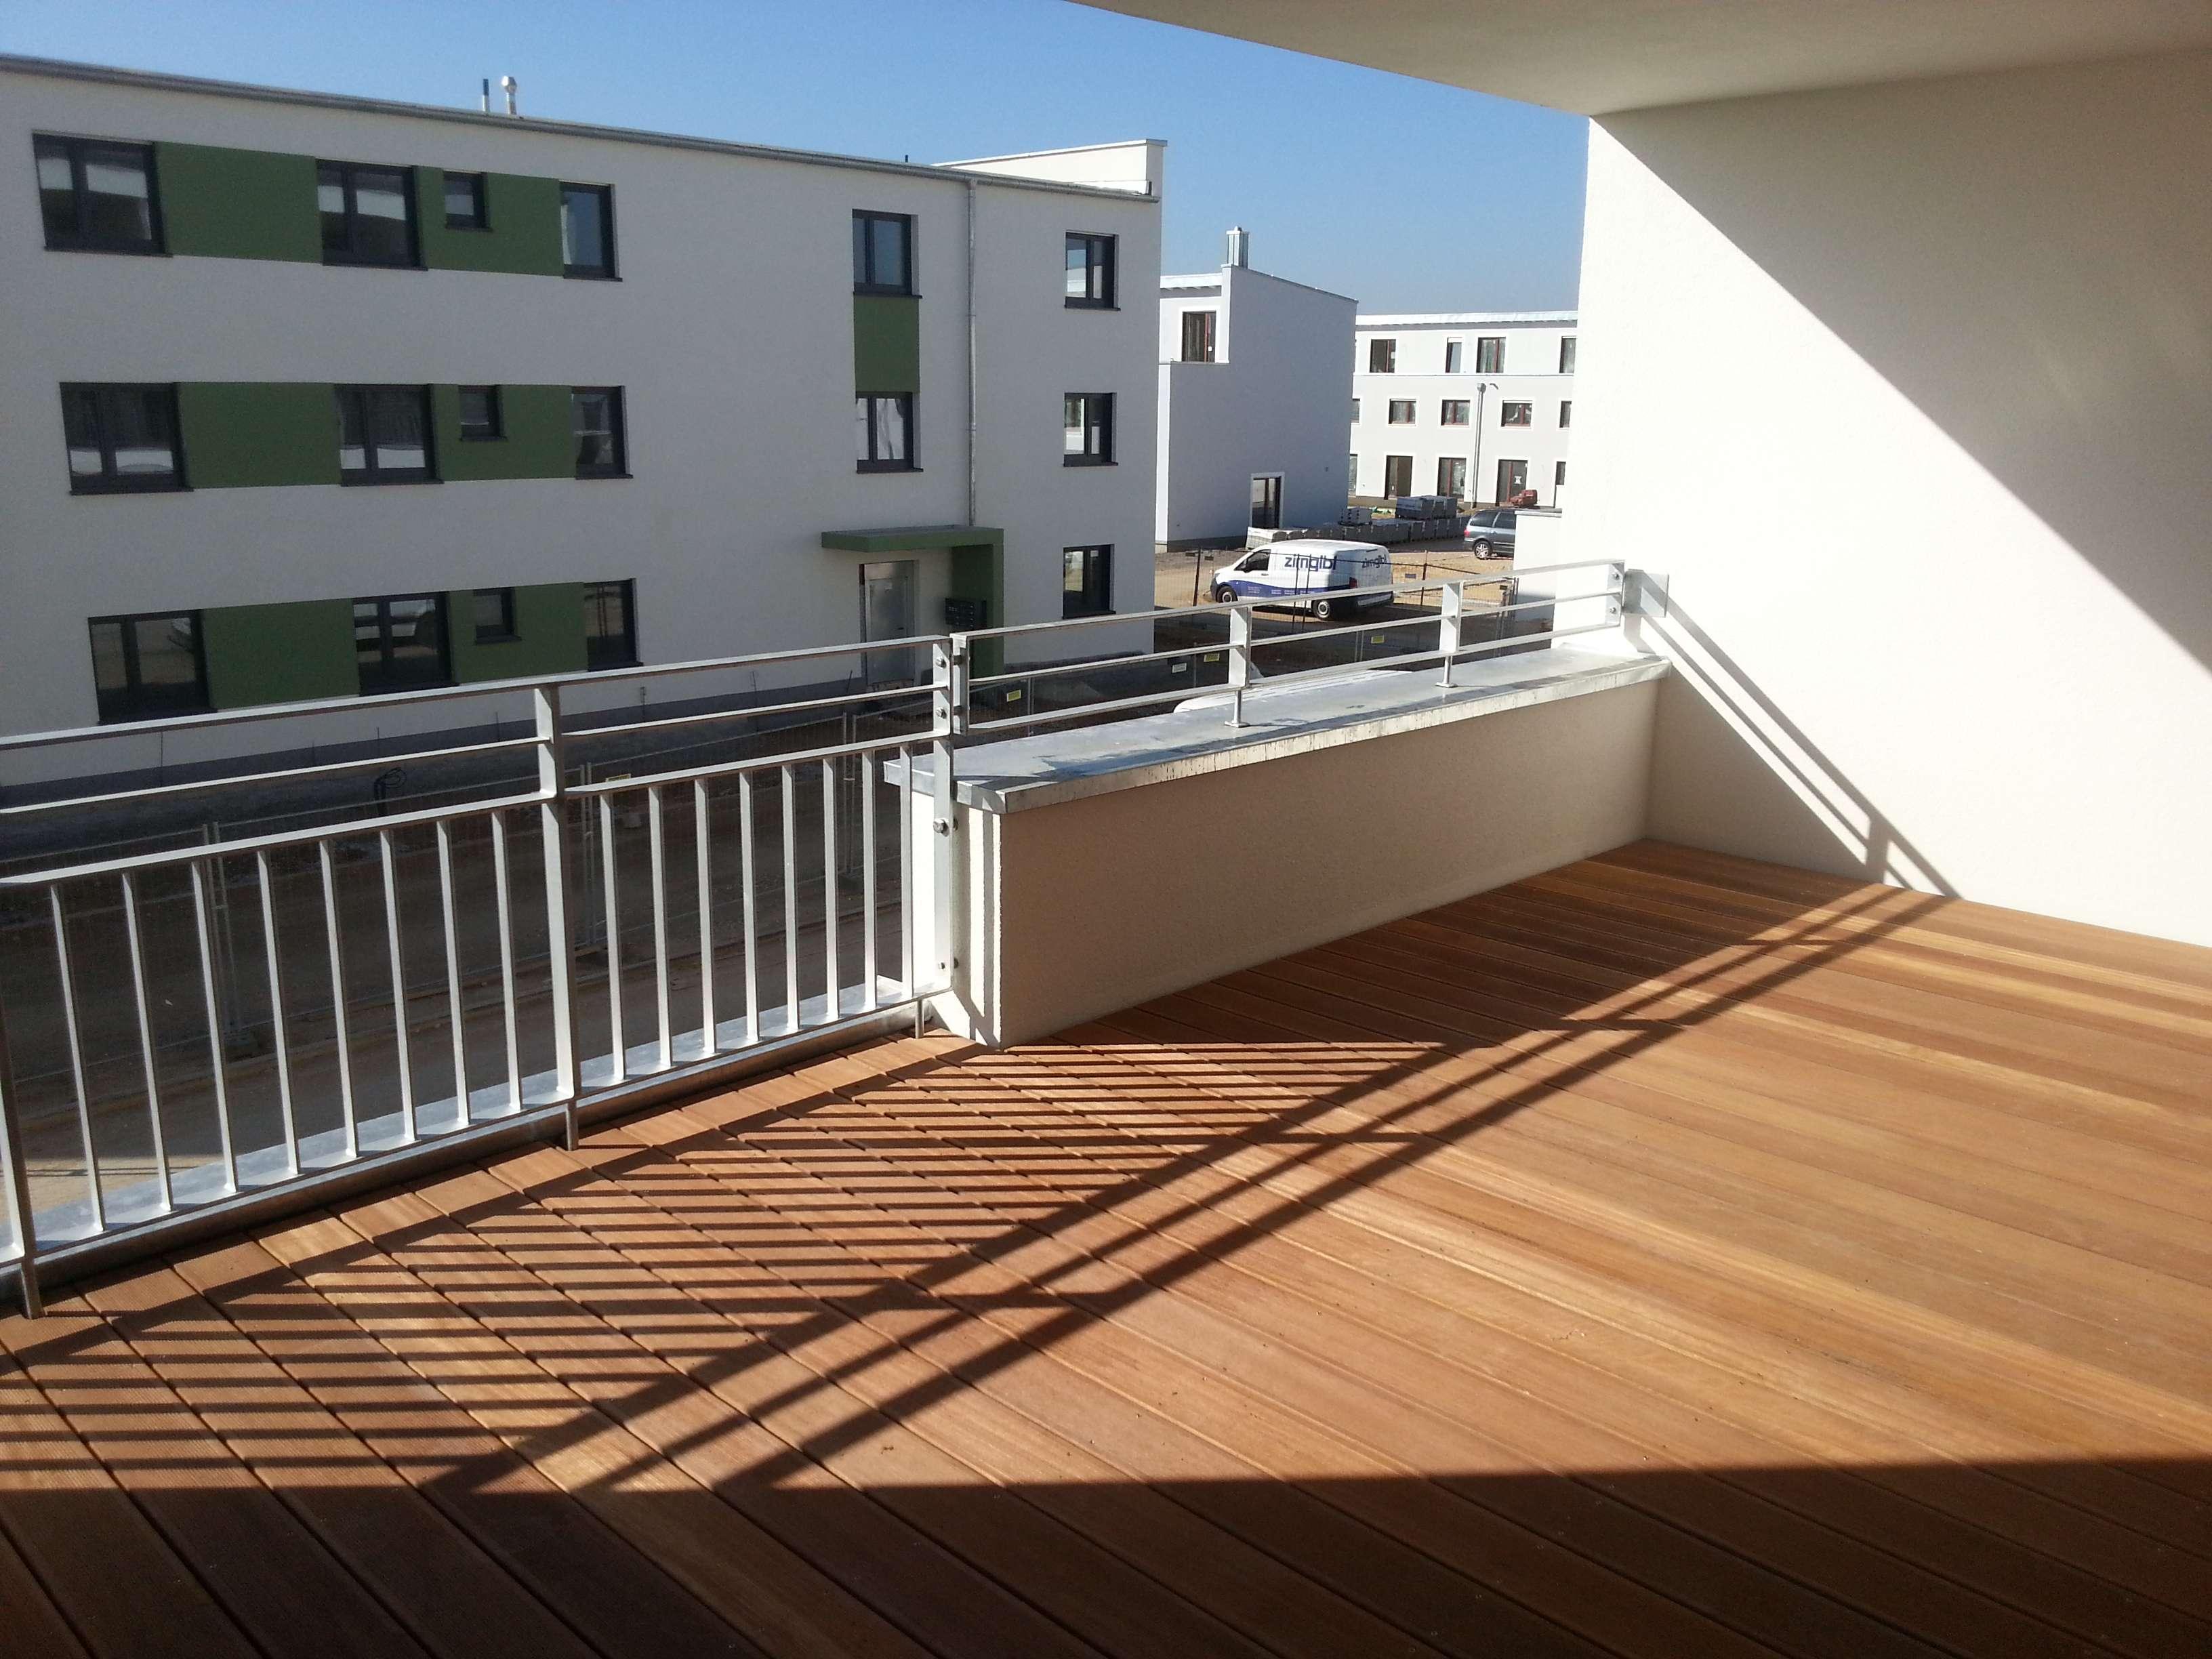 Traumhafte 2-Zimmer-Wohnung an der Papstwiese! in Kasernenviertel (Regensburg)